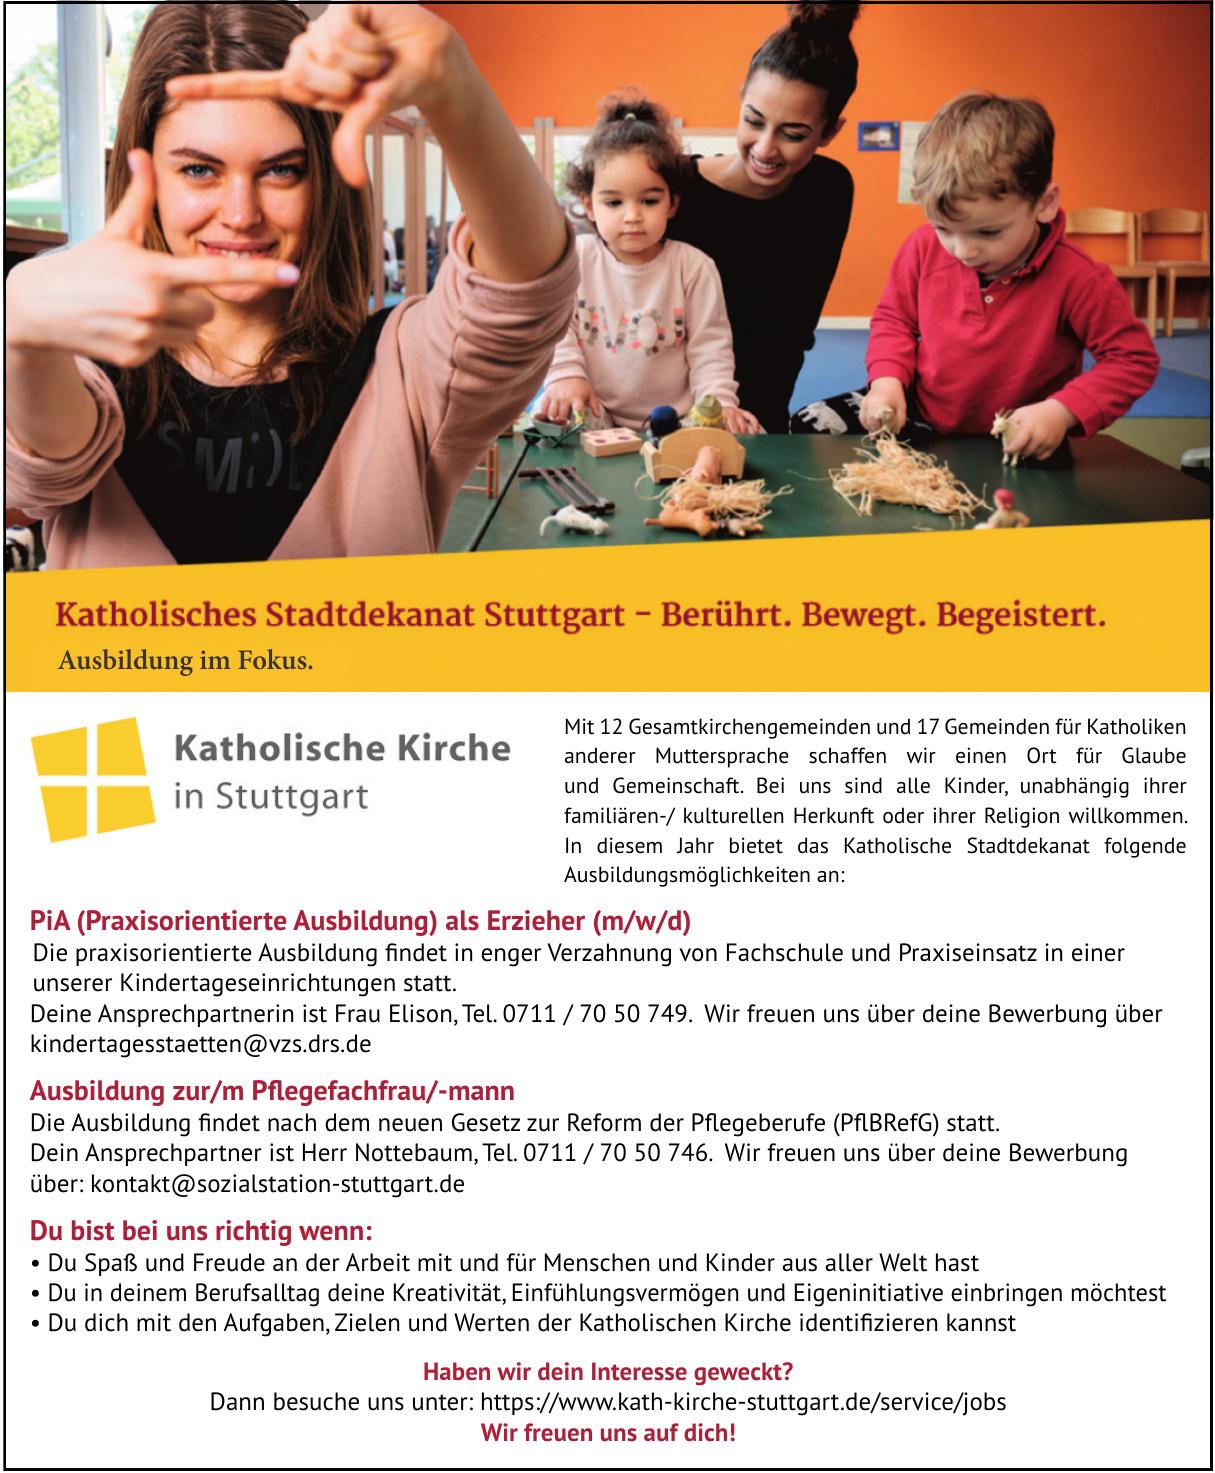 Katholisches Stadtdekanat Stuttgart